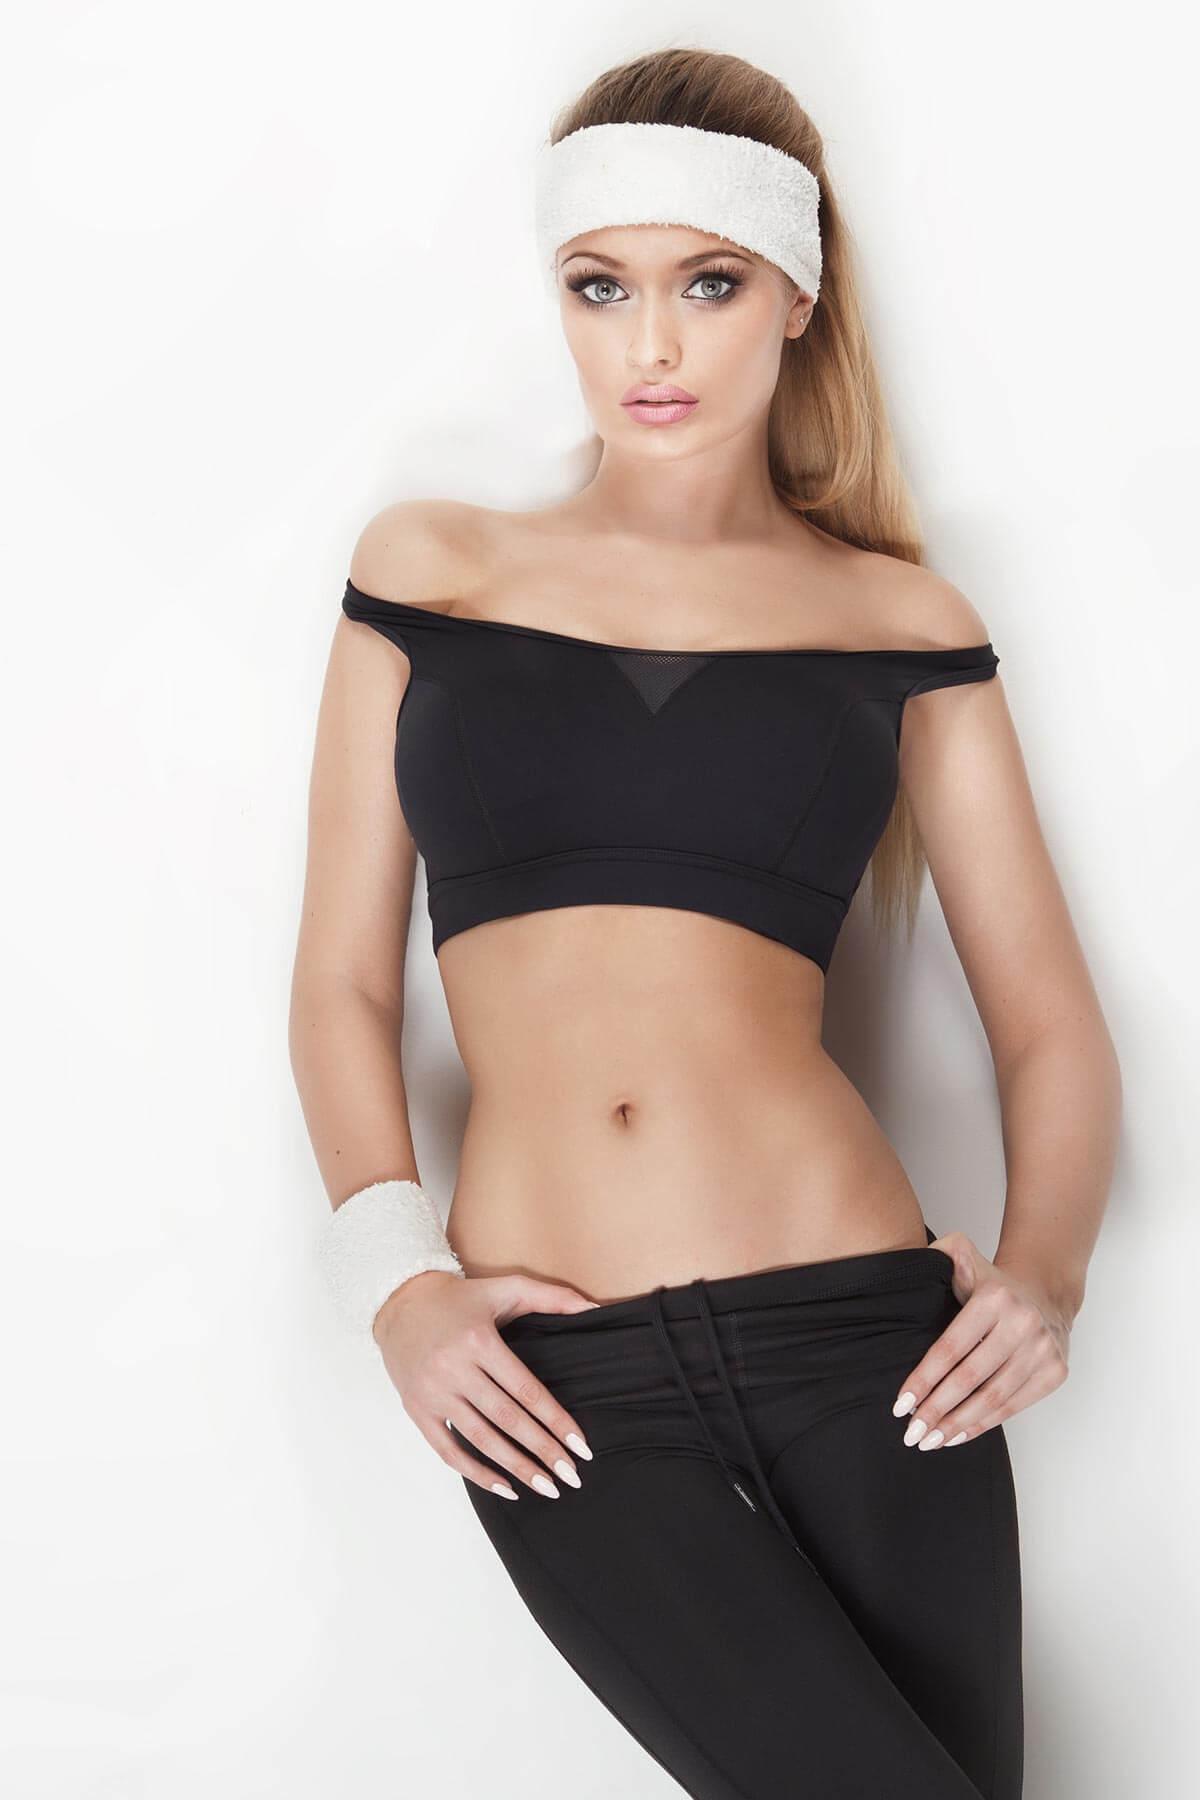 Liposuction Mississauga & Oakville